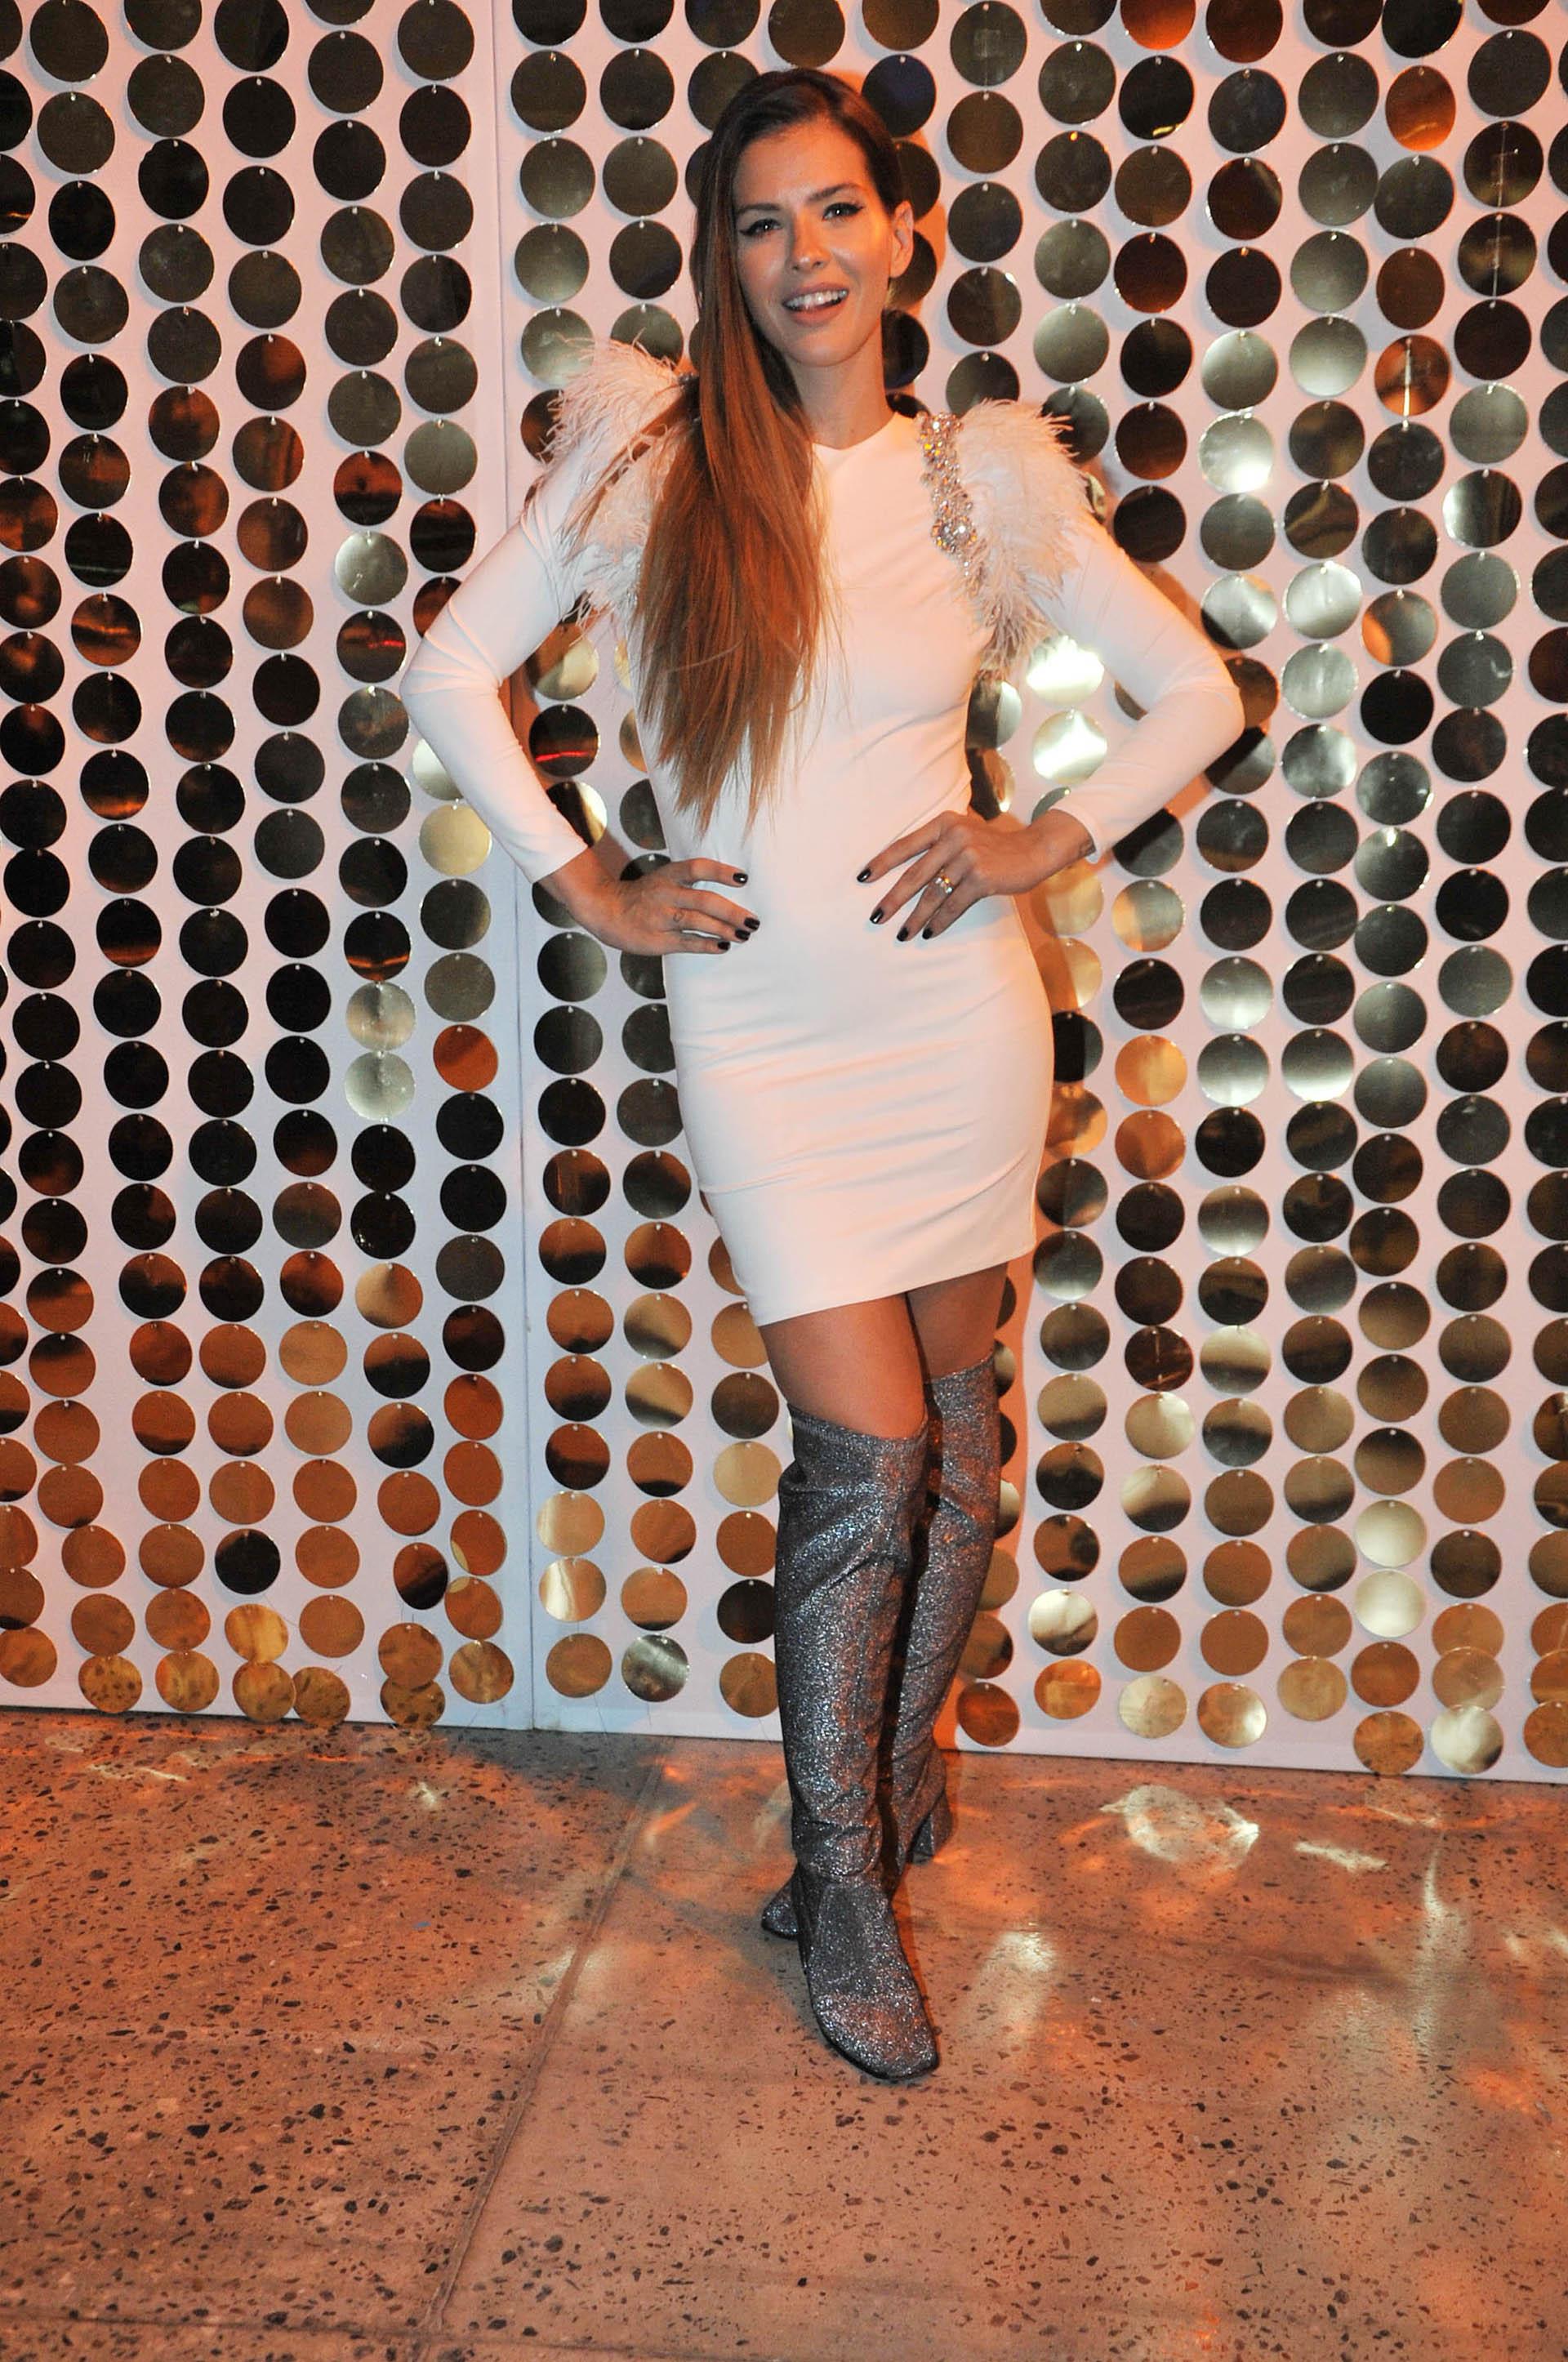 La China Suárez regresó al país, tras estar varios meses en España con Benjamín Vicuña. Lució un vestido blanco súper sensual en la final de un concurso de Pantene (Verónica Guerman / Teleshow)